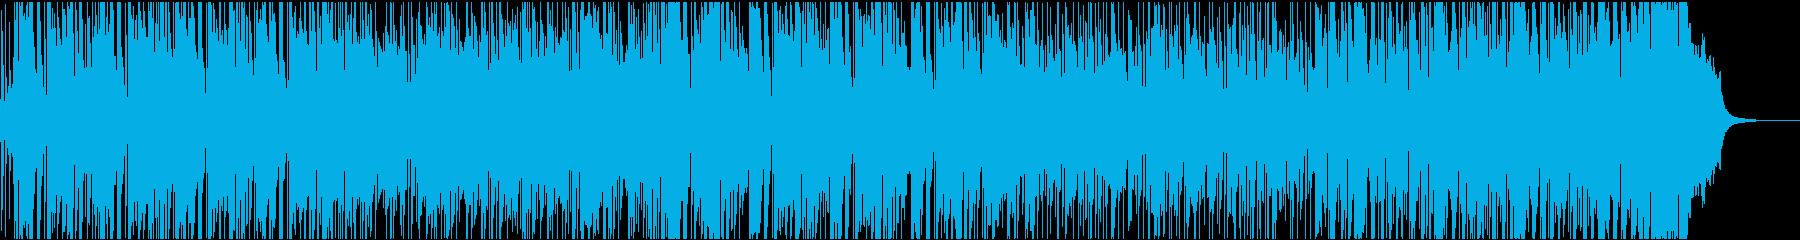 元気なアコギのポジティブな曲の再生済みの波形